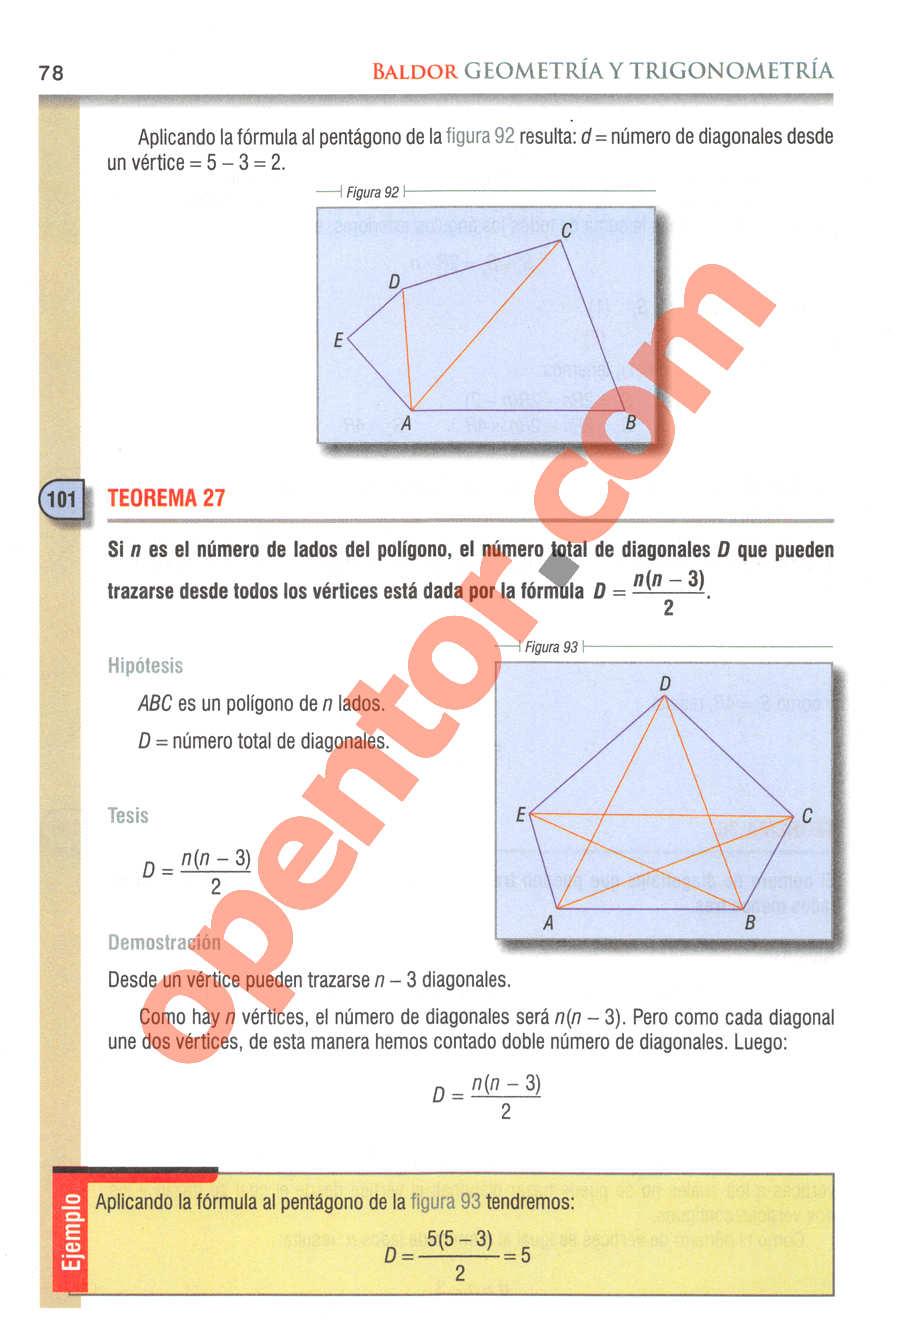 Geometría y Trigonometría de Baldor - Página 78